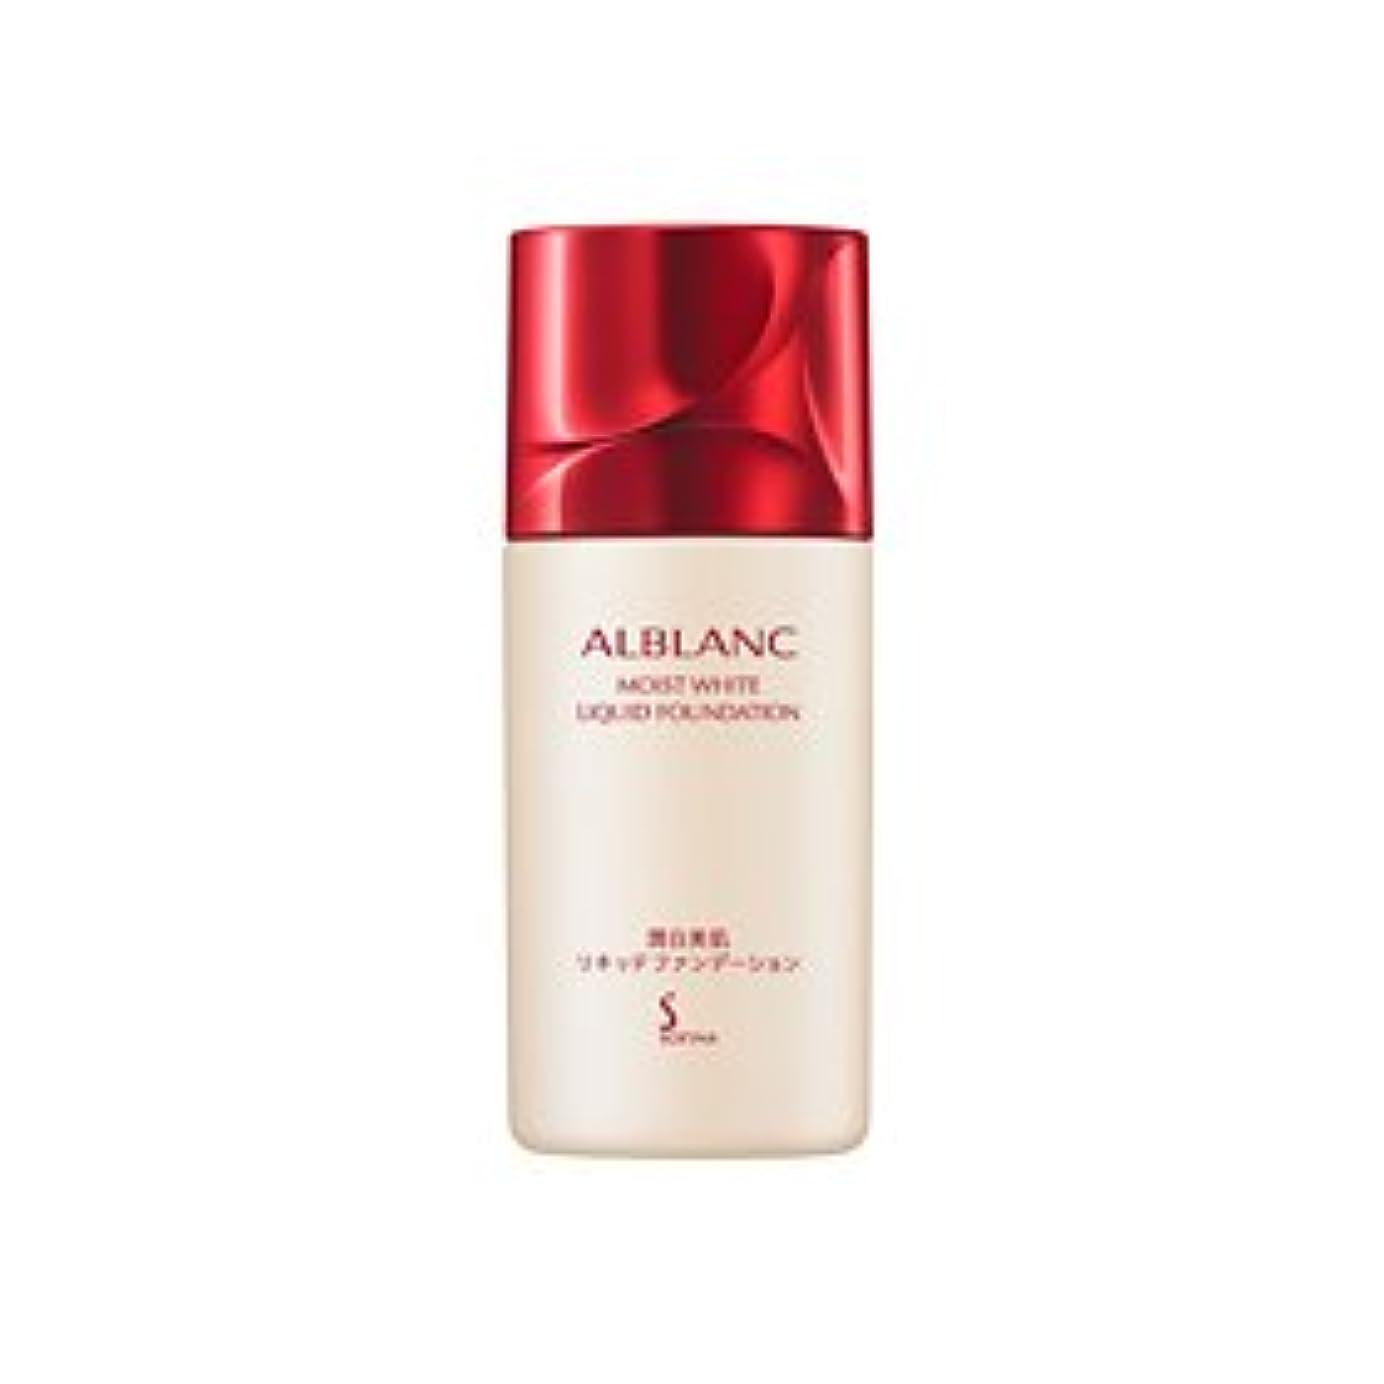 顔料反応する消毒剤アルブラン 潤白美肌リキッドファンデーションオークル07